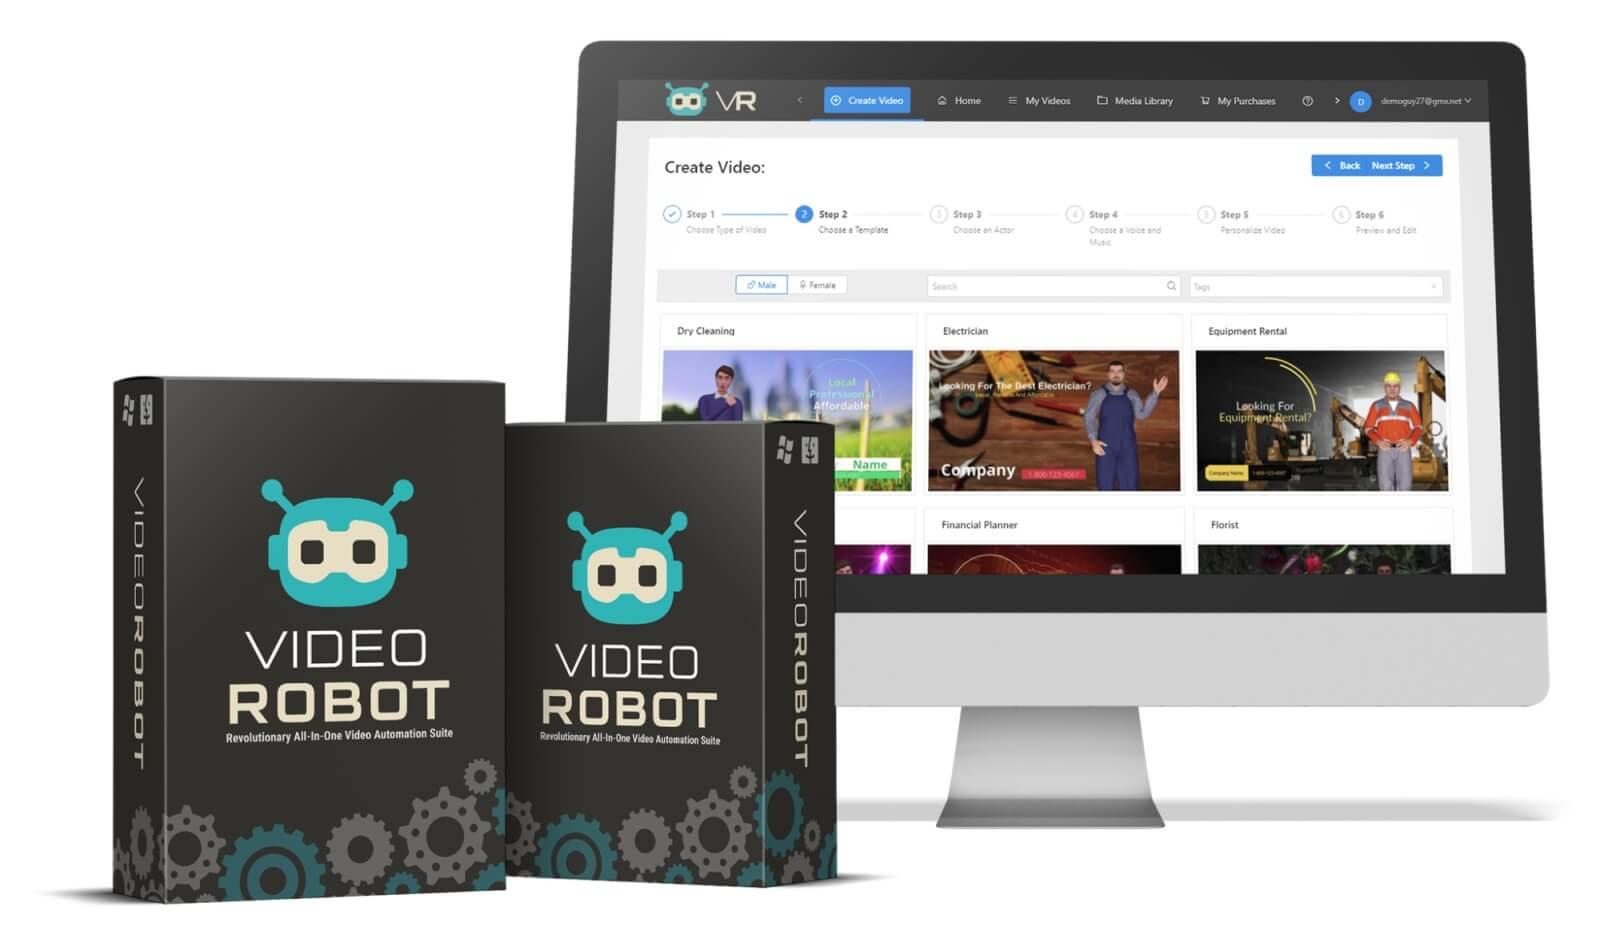 VideoRobot